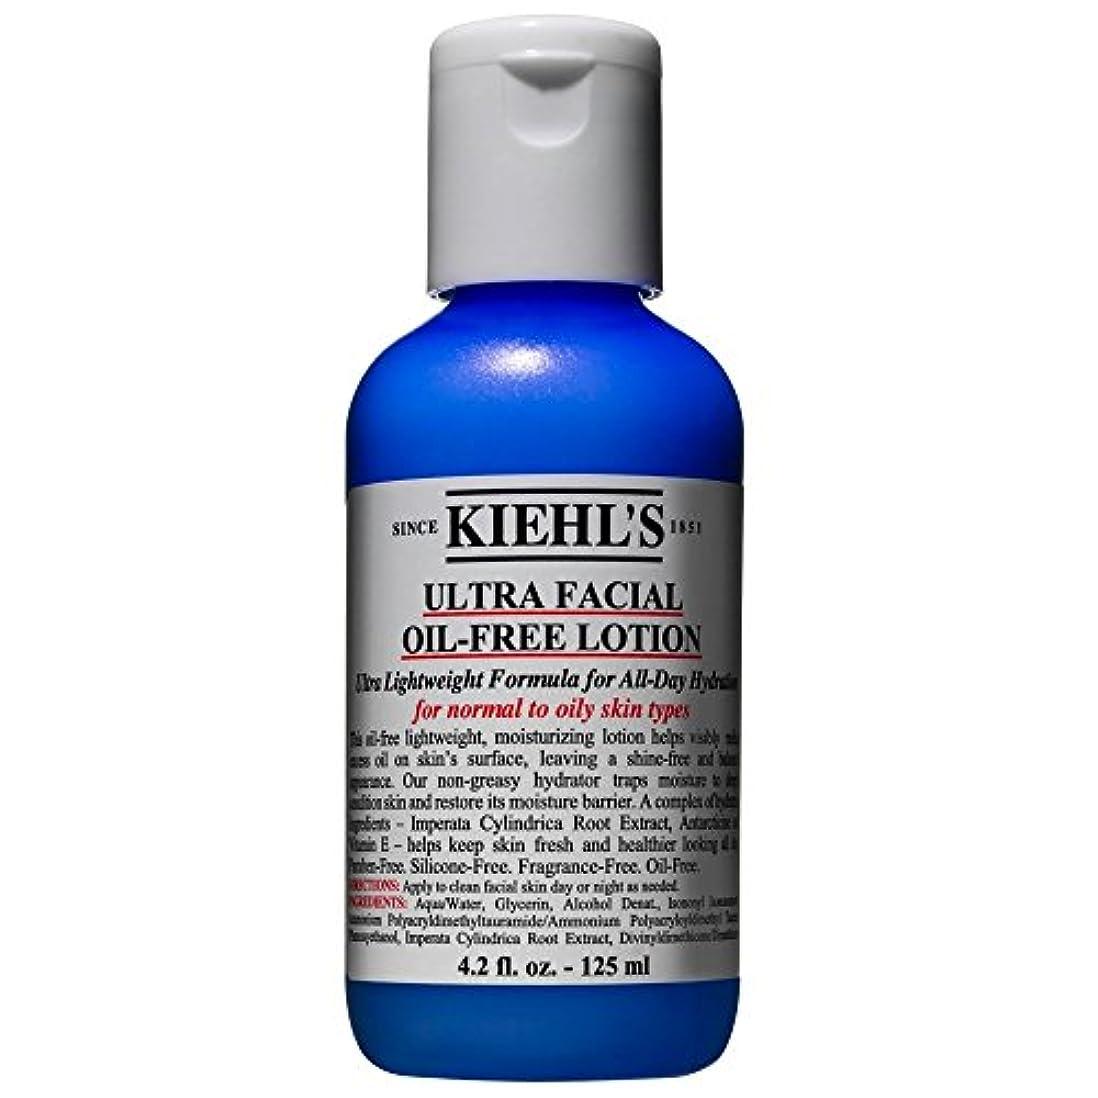 認める困惑挑む[Kiehl's] キールズウルトラフェイシャルオイルフリーローション、125ミリリットル - Kiehl's Ultra Facial Oil-Free Lotion, 125ml [並行輸入品]